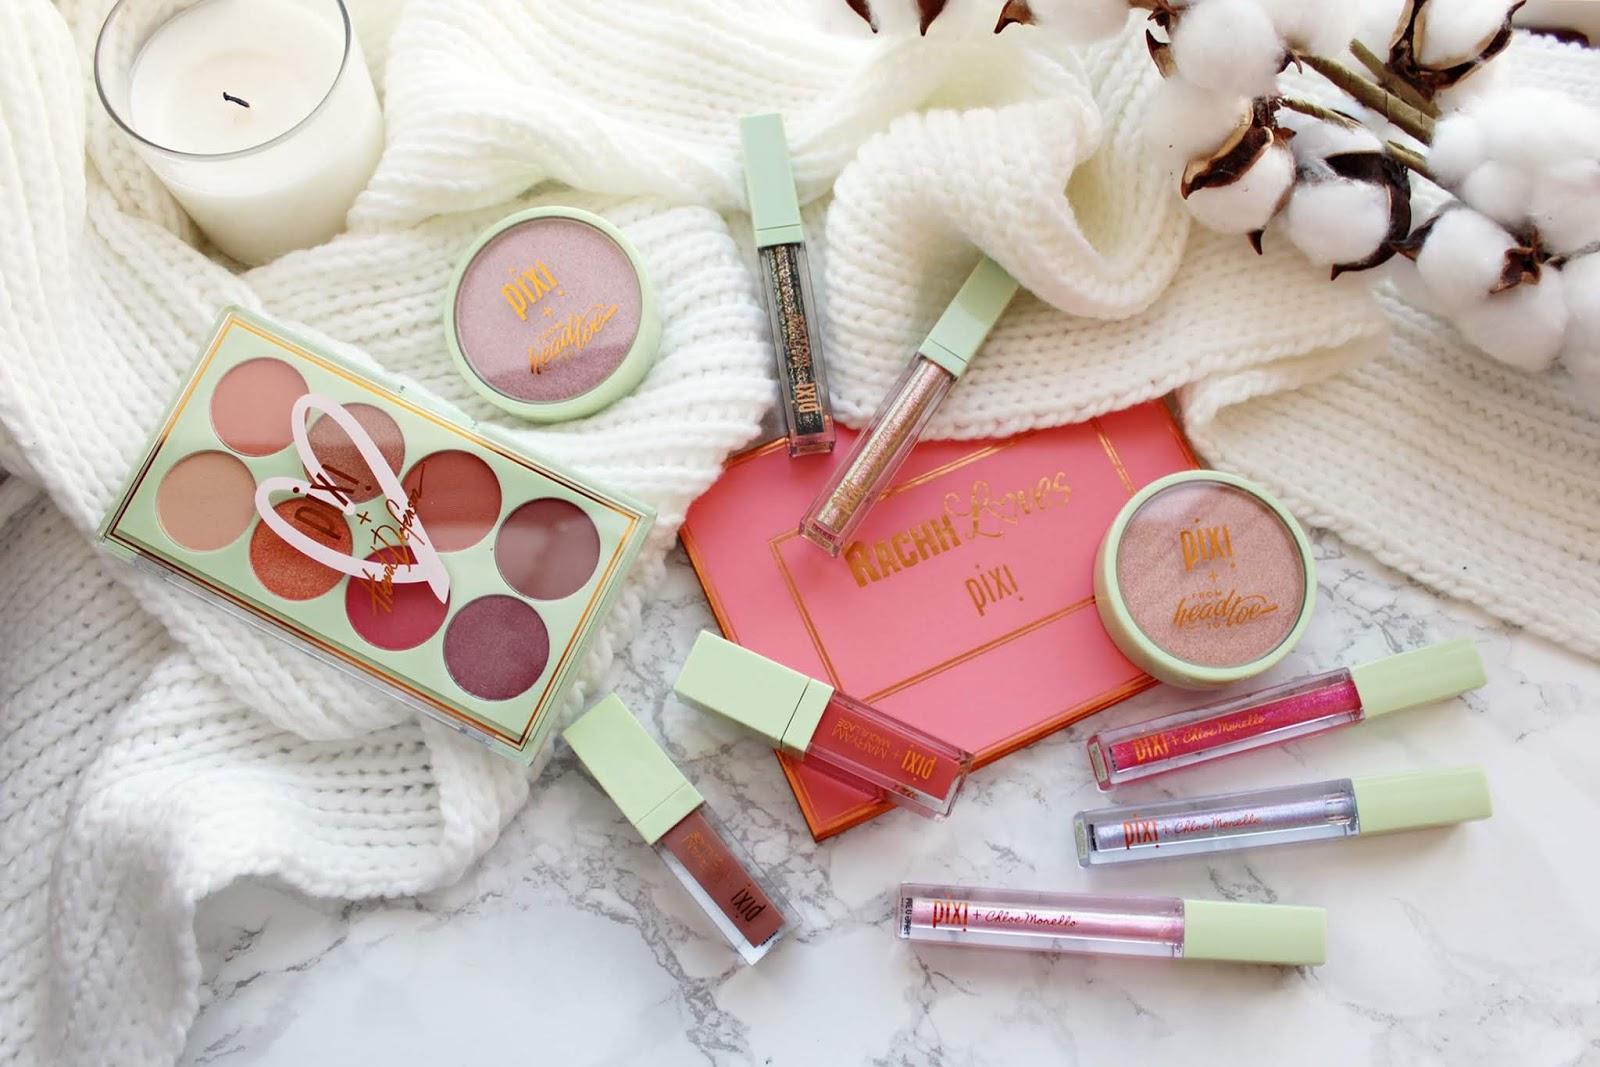 Nowości w mojej kosmetyczce | Armani, KOI, Eveline, Lily Lolo, Golden Rose, Catrice, Revlon, Pixi